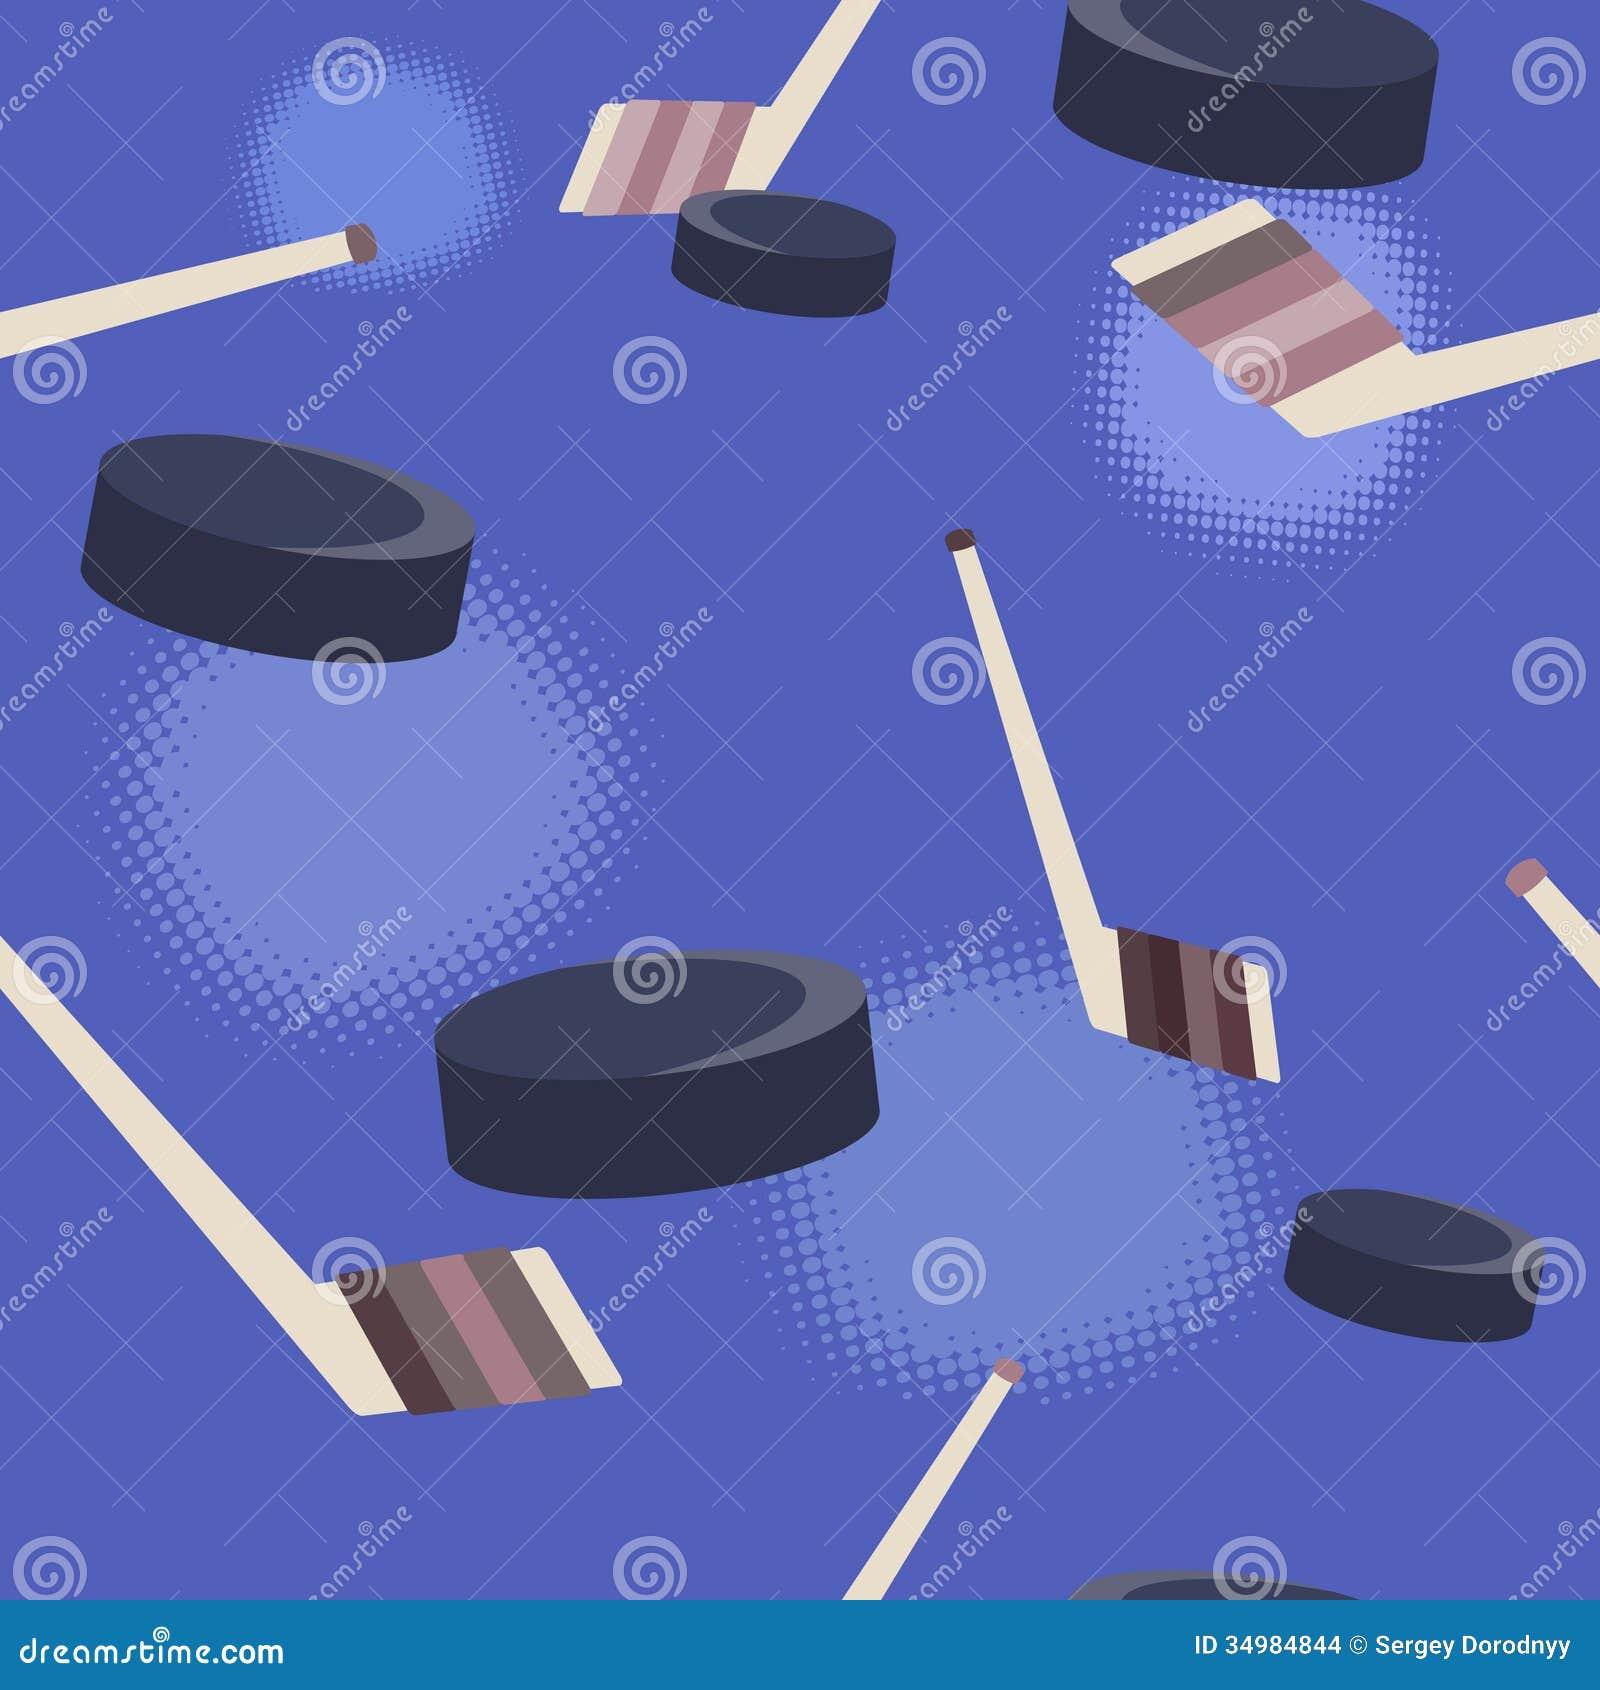 Ice Hockey Background. Stock Images